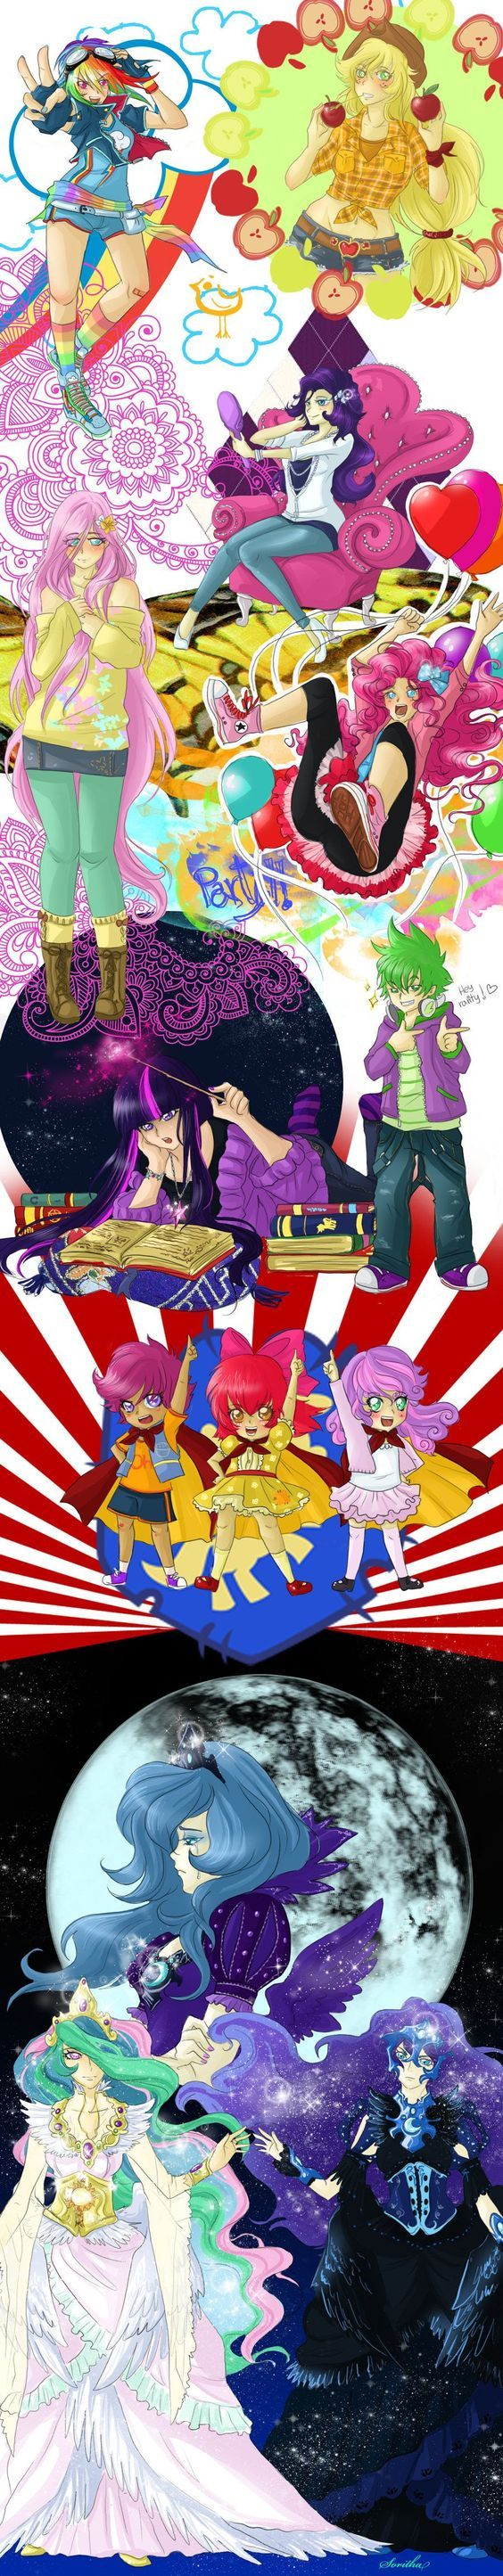 В далекой-далекой Вселенной... mane 6, princess luna, Princess Celestia, Cutie Mark Crusaders, Хуманизация, длиннопост, my little pony